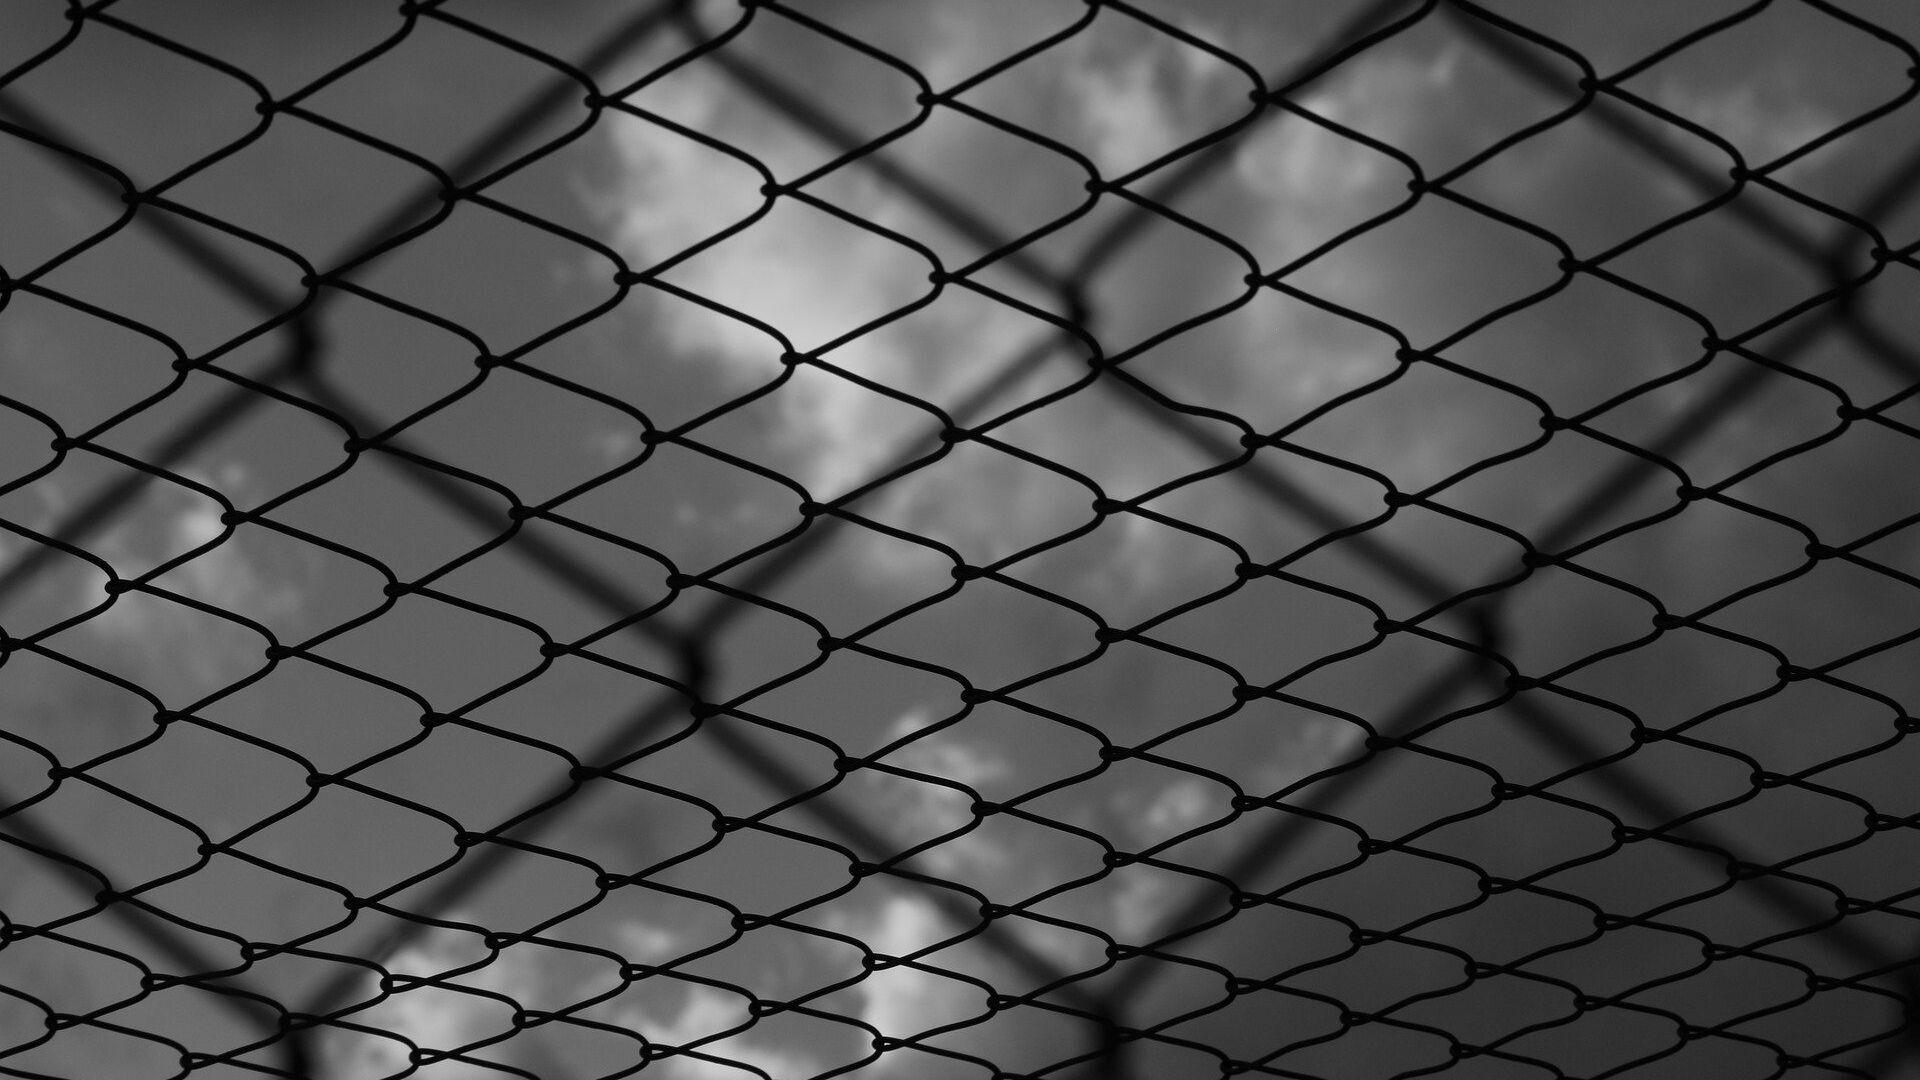 Una cárcel (imagen referencial) - Sputnik Mundo, 1920, 10.09.2021